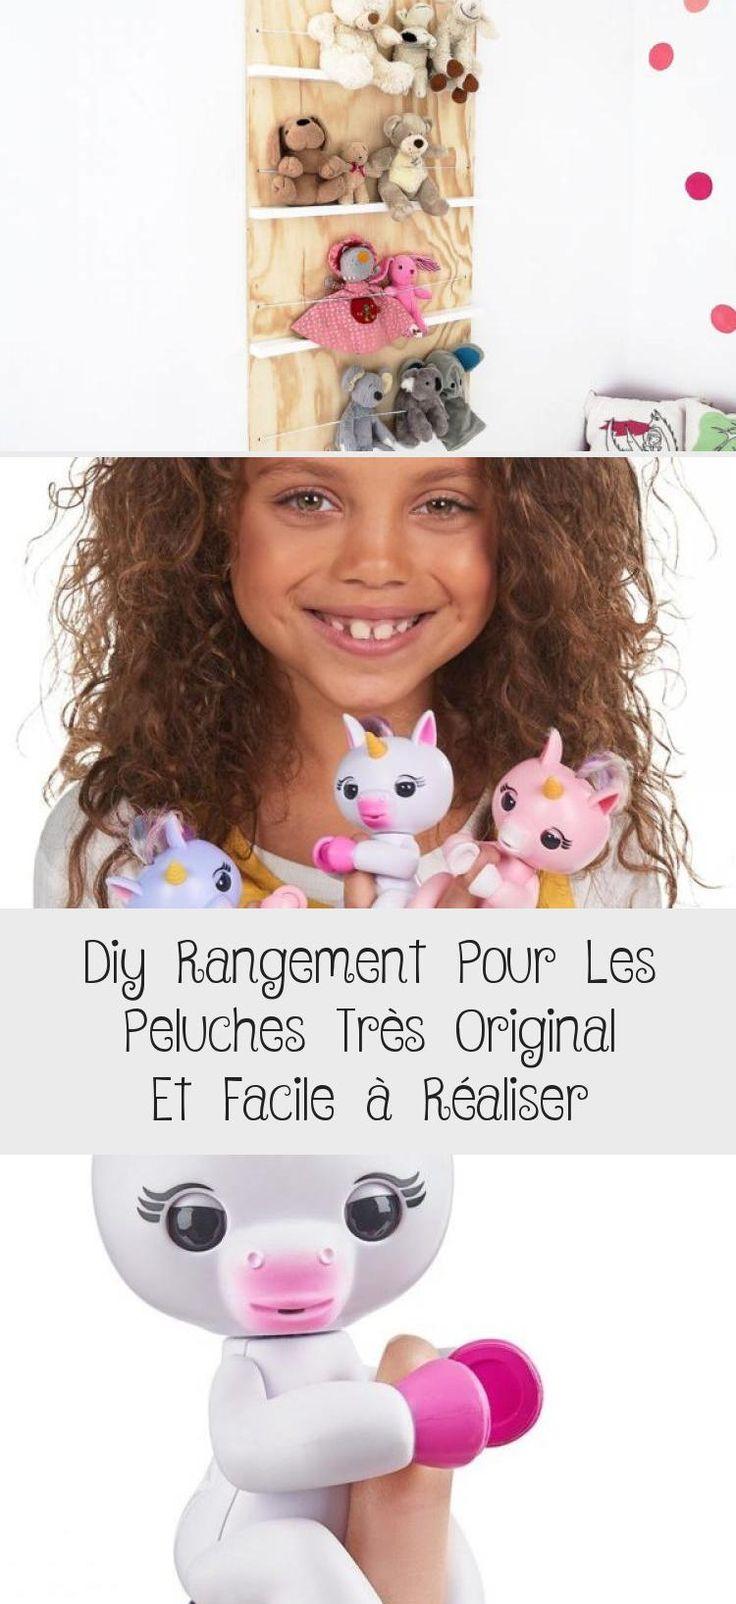 Diy Rangement Pour Les Peluches Très Original Et Facile à Réaliser - Meillereus Pins in 2020 ...